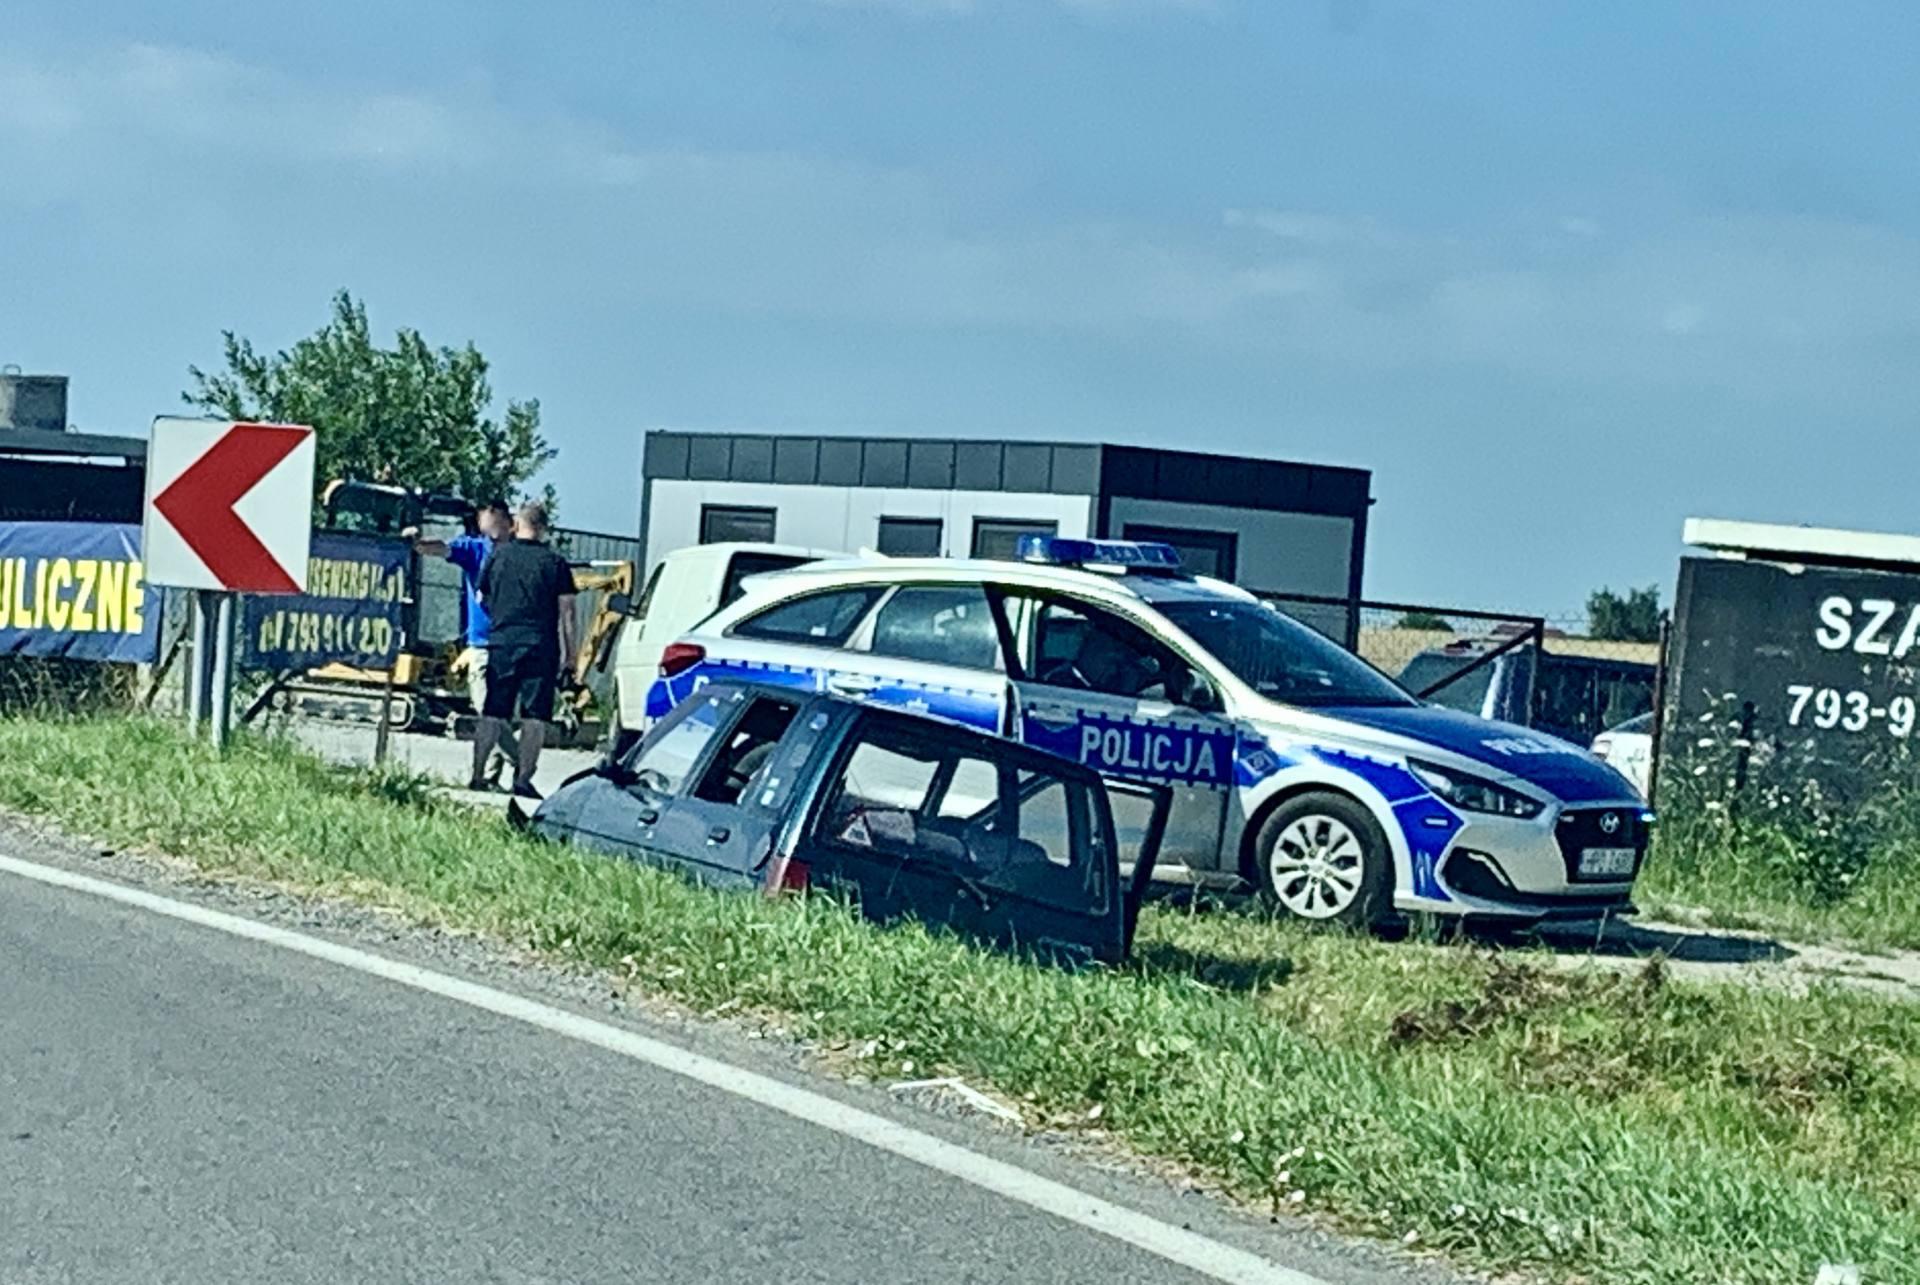 img 0758 88-letni kierowca Daewoo stracił panowanie nad pojazdem